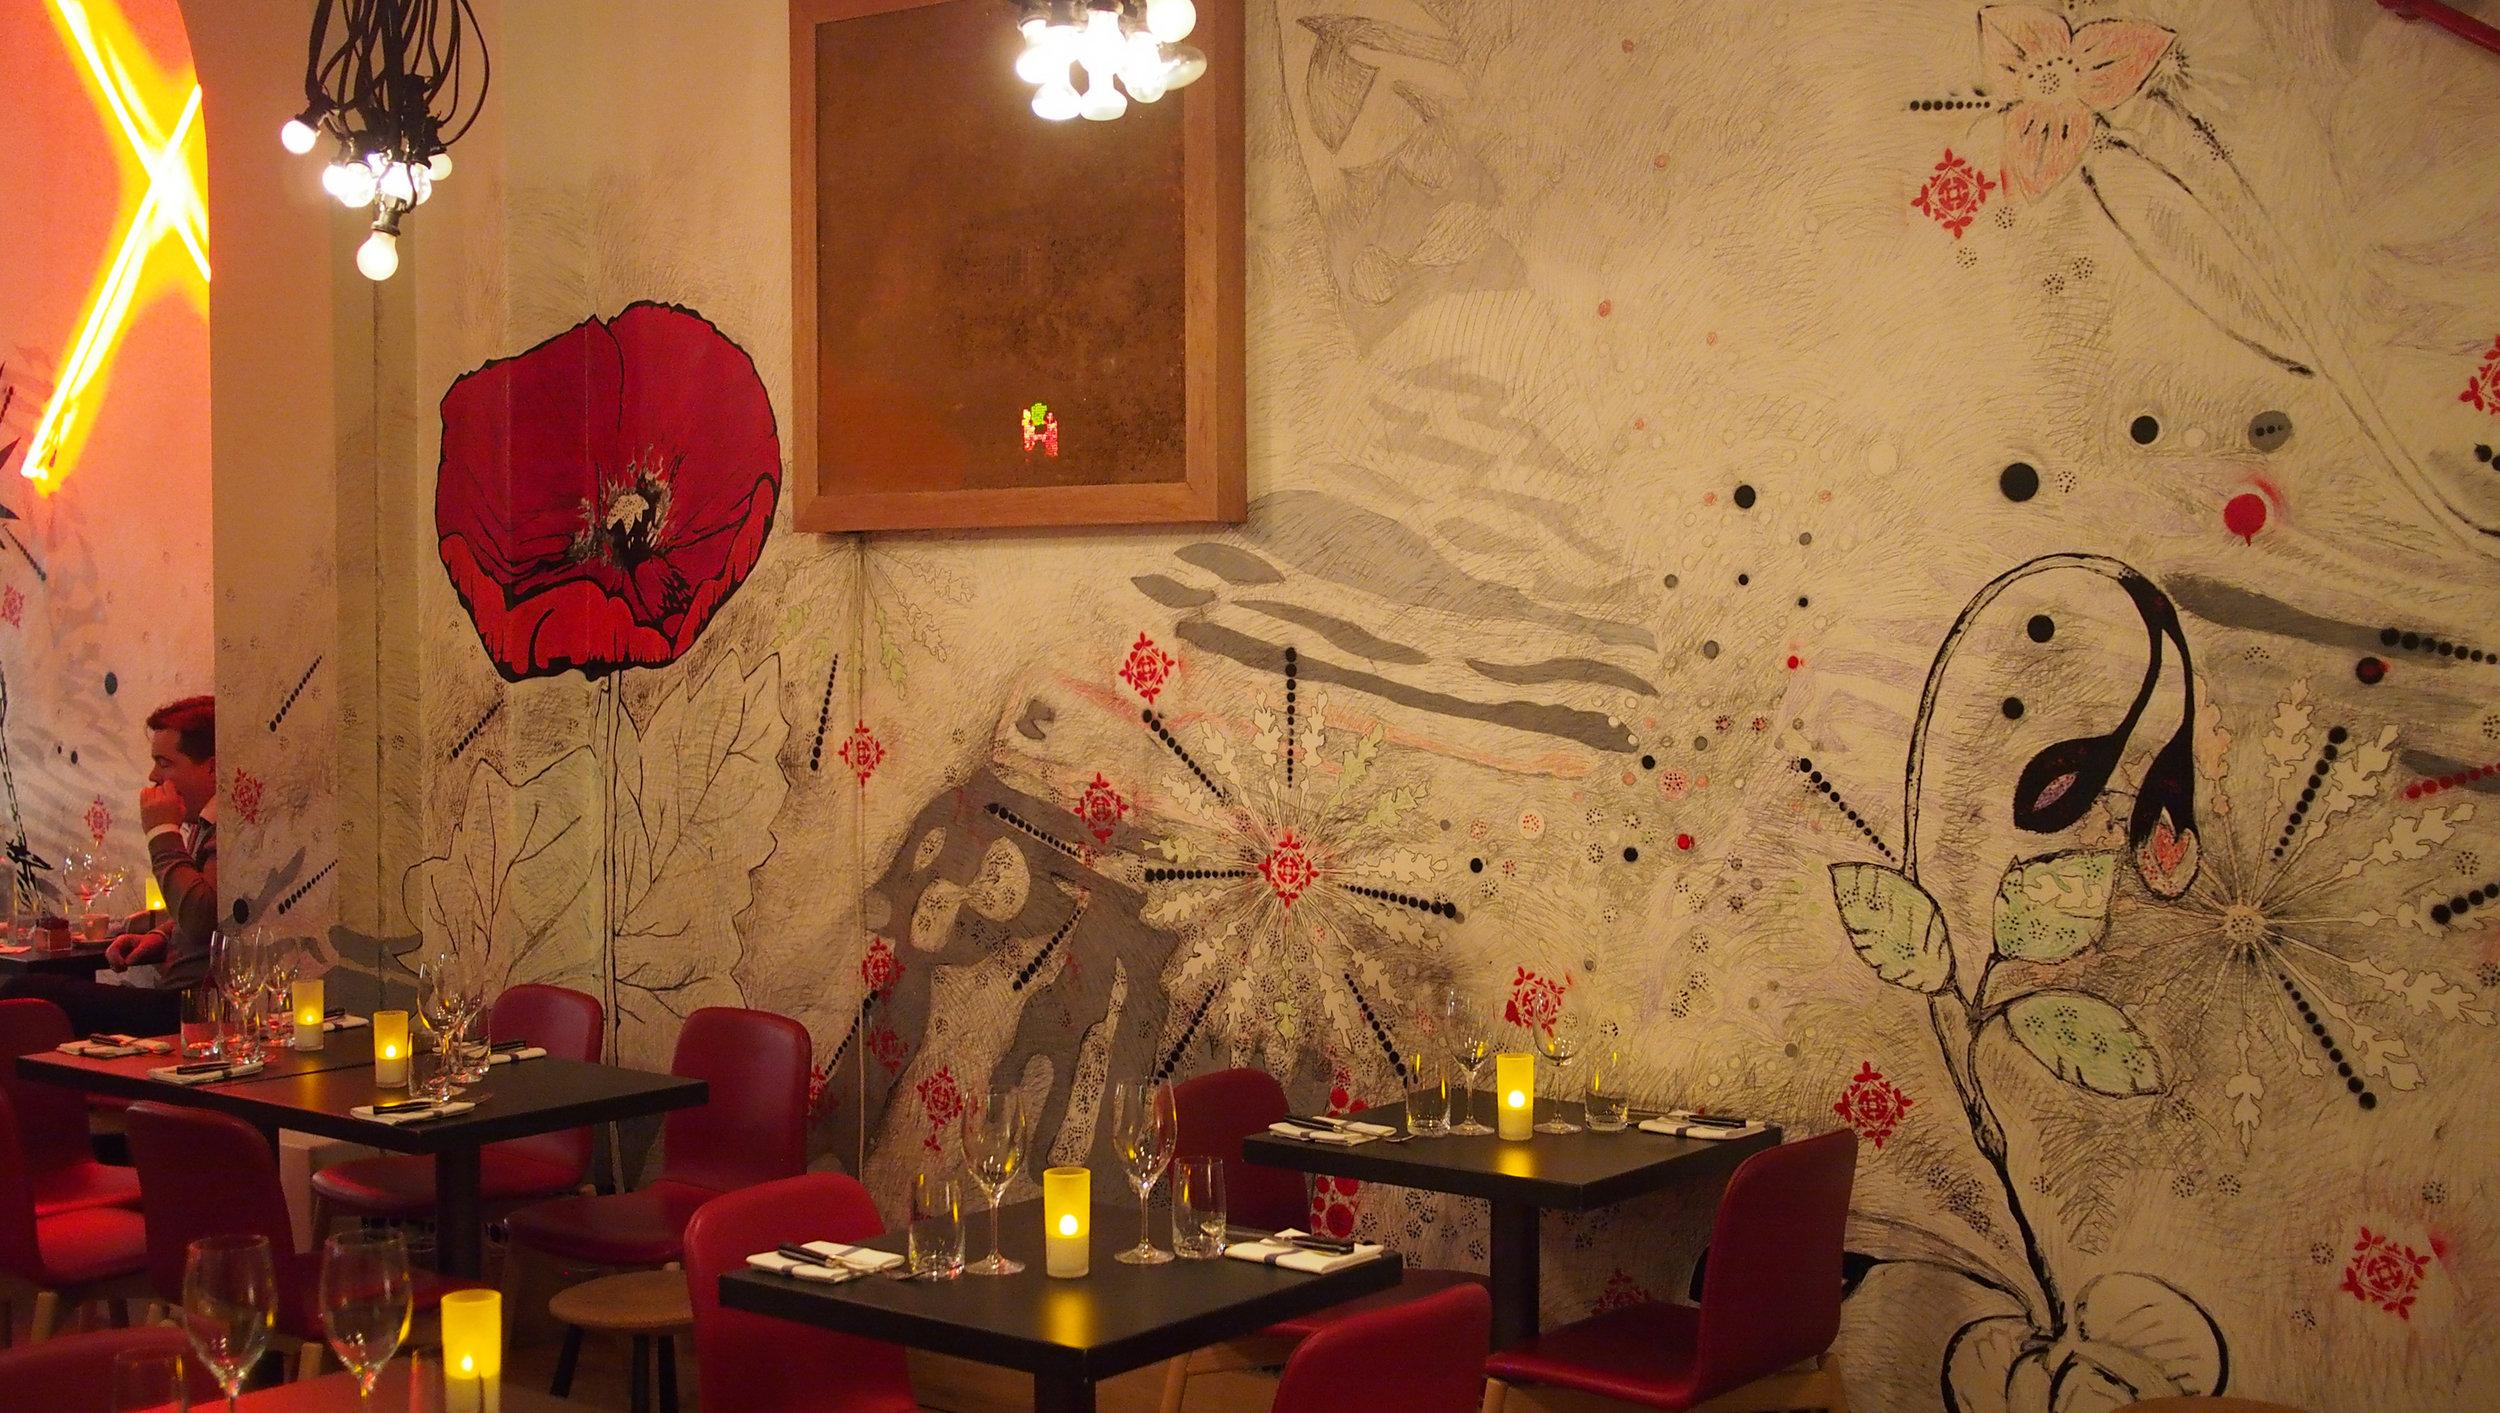 taidetta ravintola Pisaccon seinillä